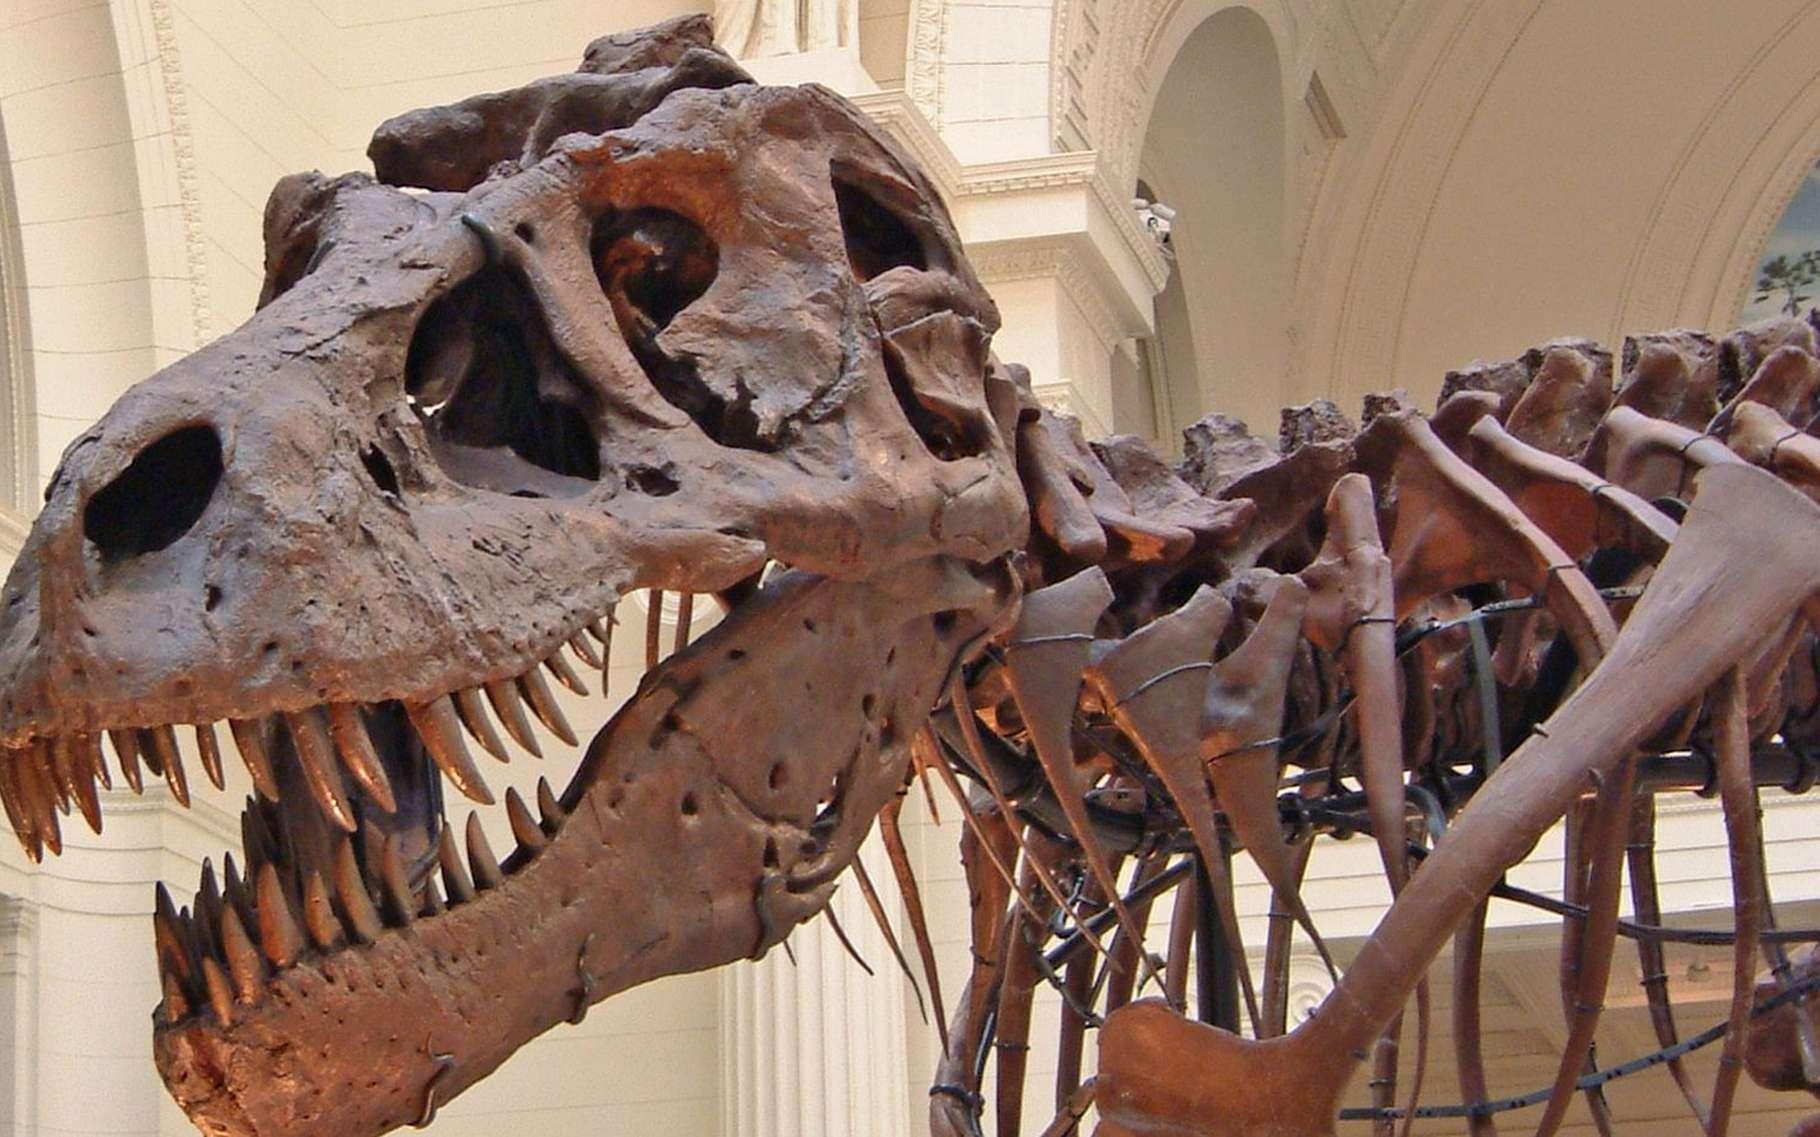 Chilesaurus diegosuarezi (du moins une reconstitution présumée). Il ressemble à un tyrannosaure mais son régime était végétarien. © University of Birmingham